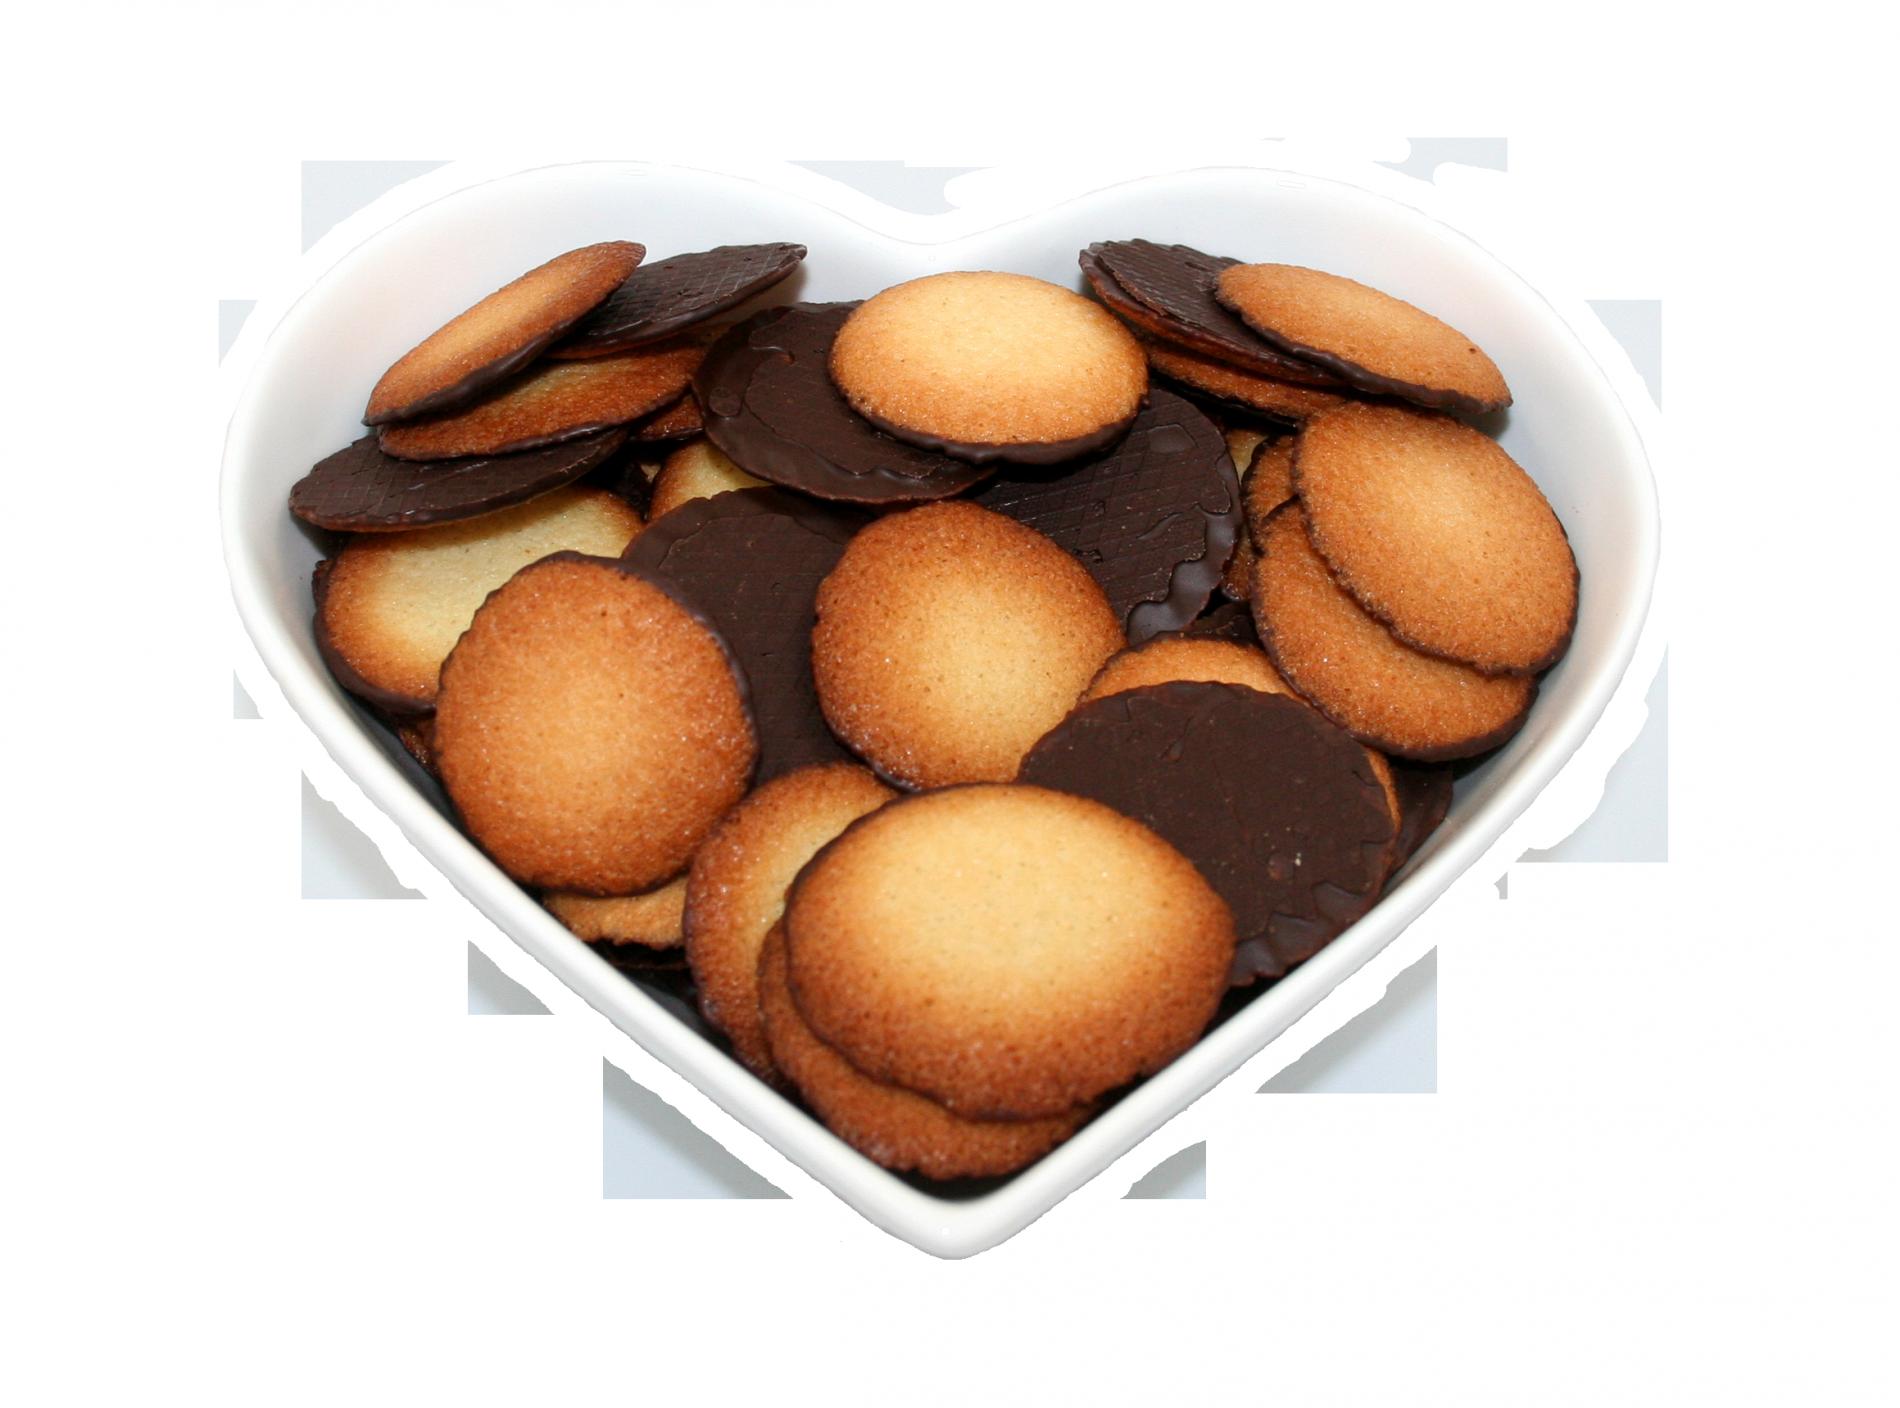 Les nouveaux biscuits